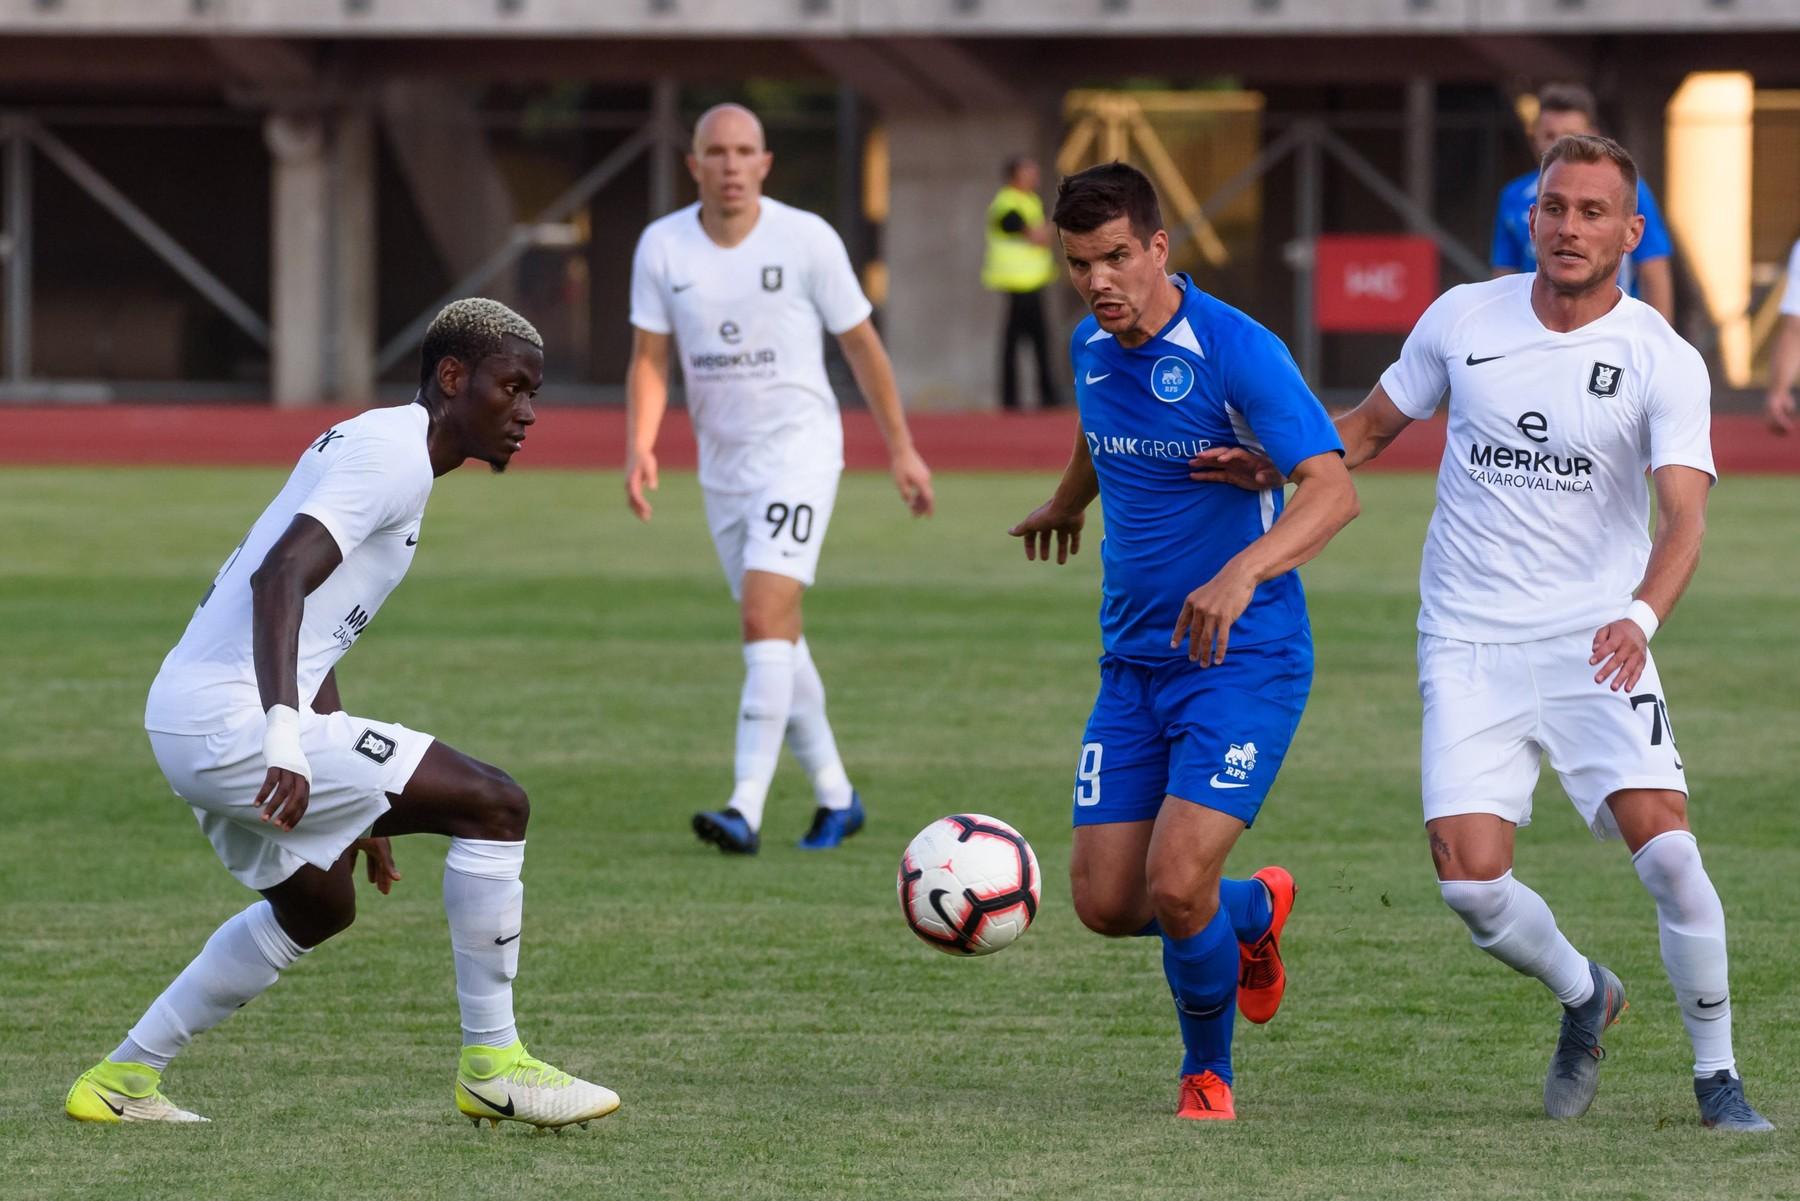 Banjak se vratio u tim, Olimpija primila tri komada, ali pobedila Triglav u utakmici sa deset golova